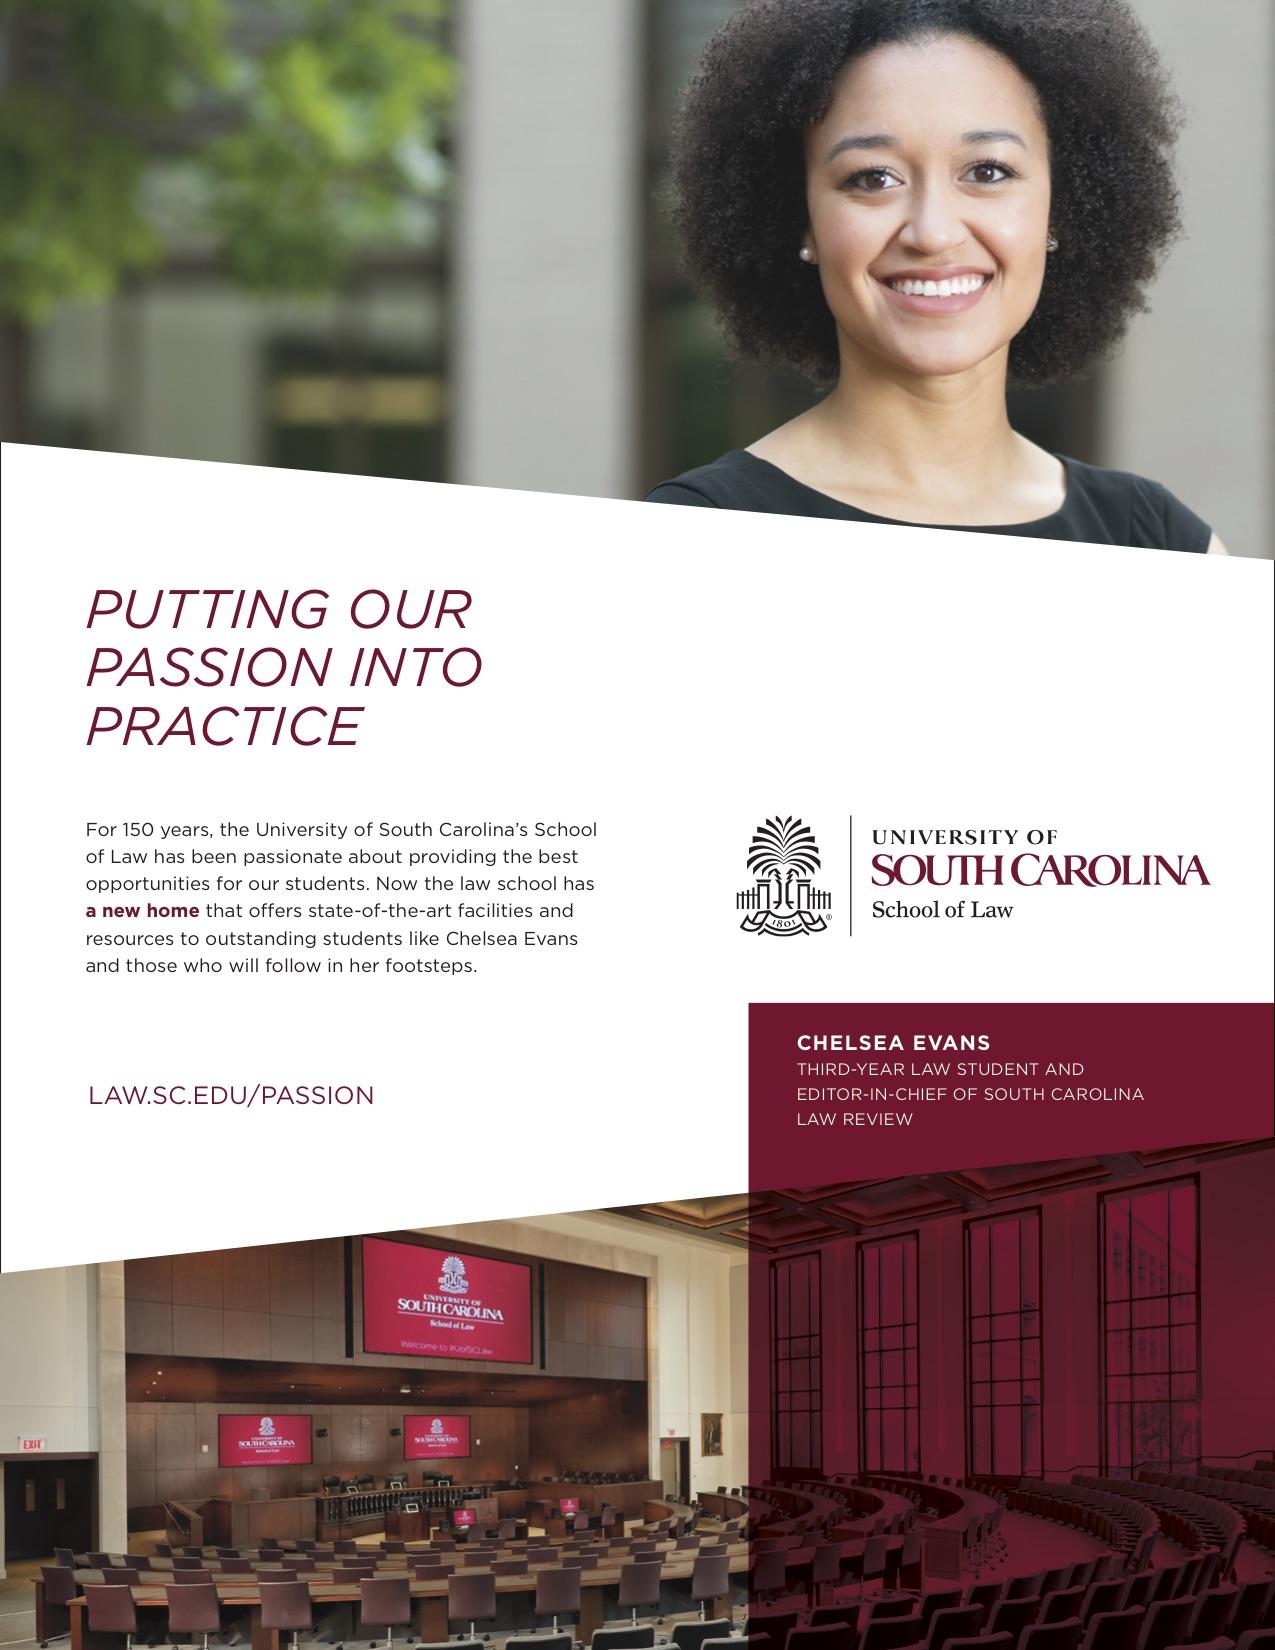 USC Law School Ad Campaign